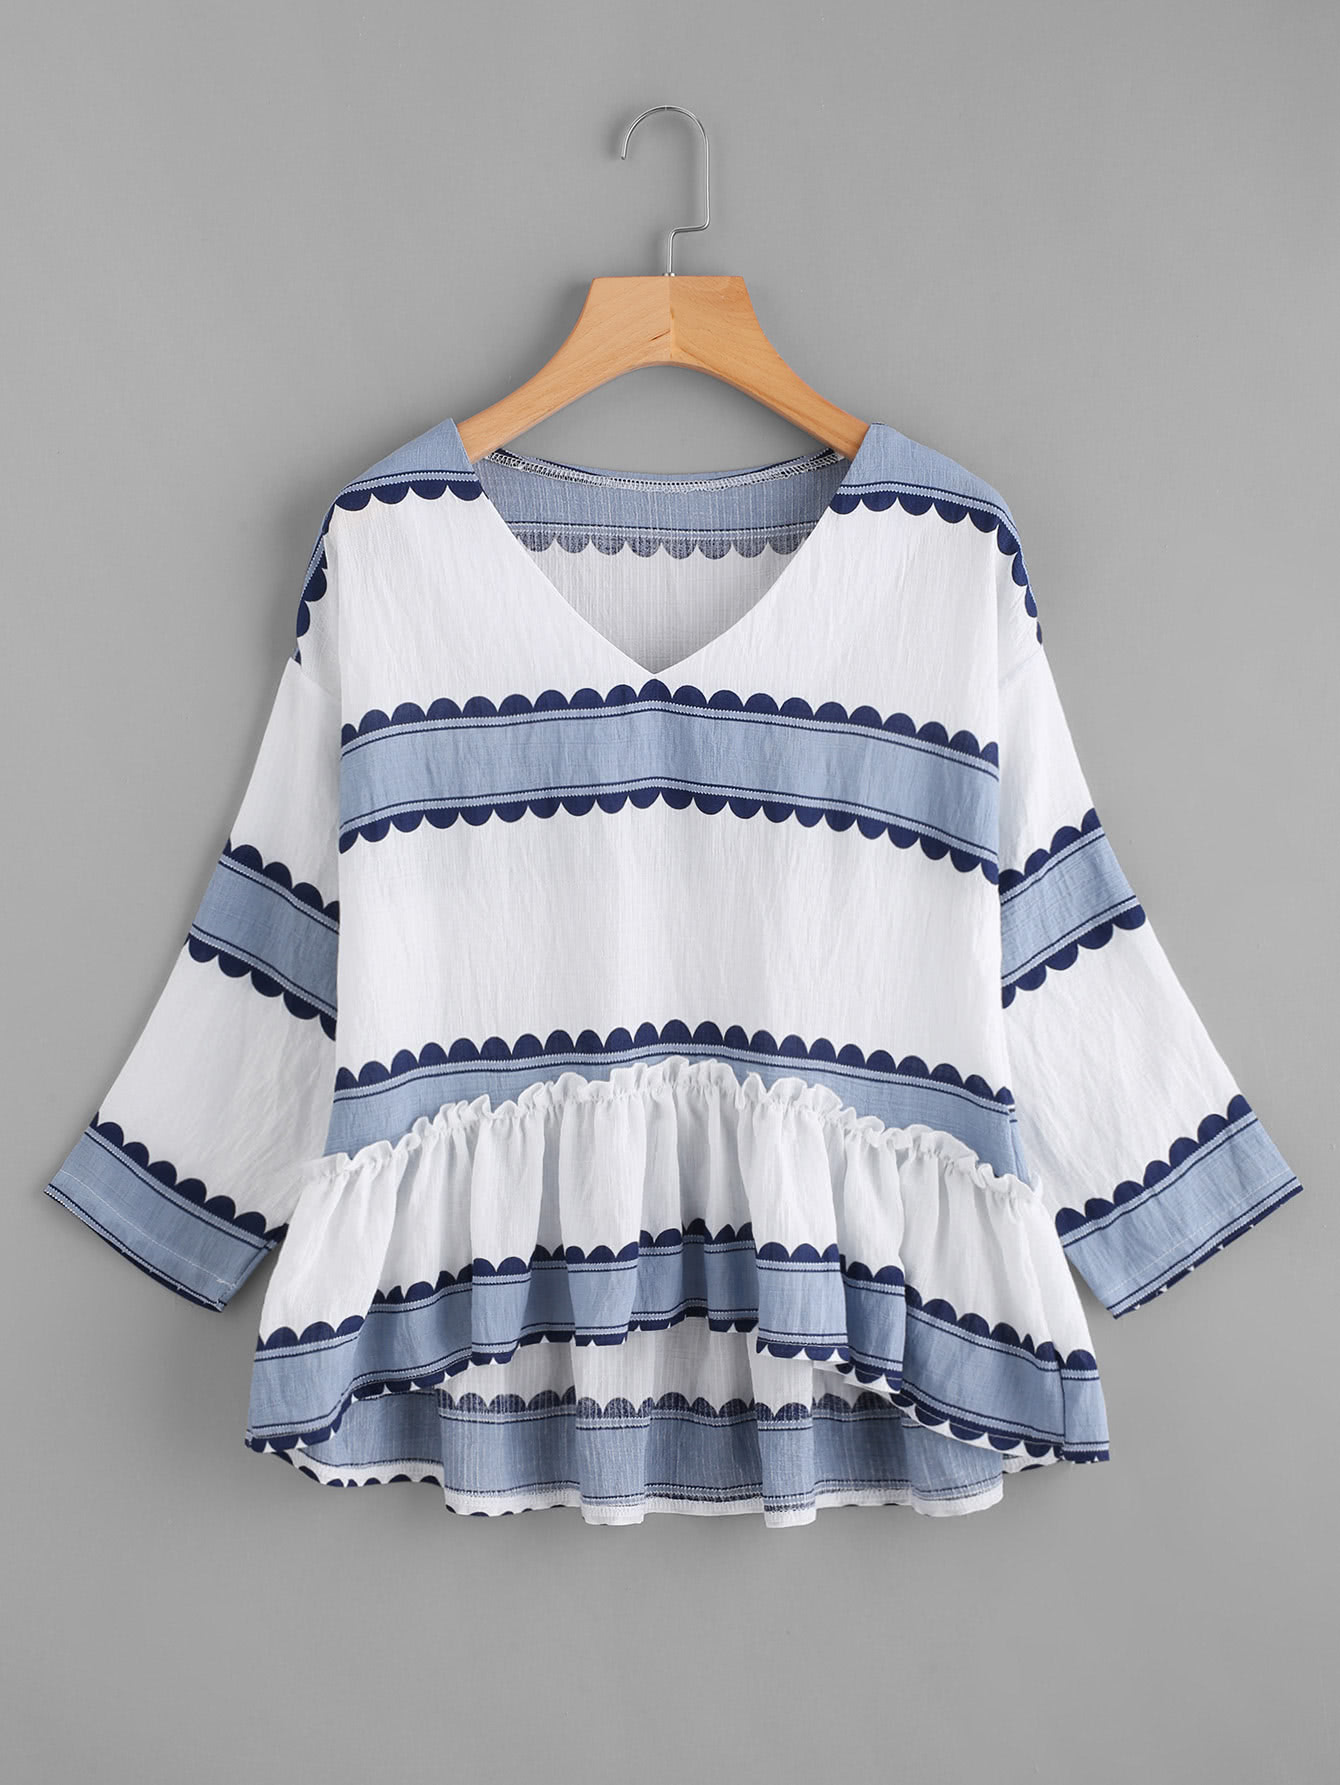 Bluse mit V Ausschnitt, Streifen, Falten und abfallendem Saum